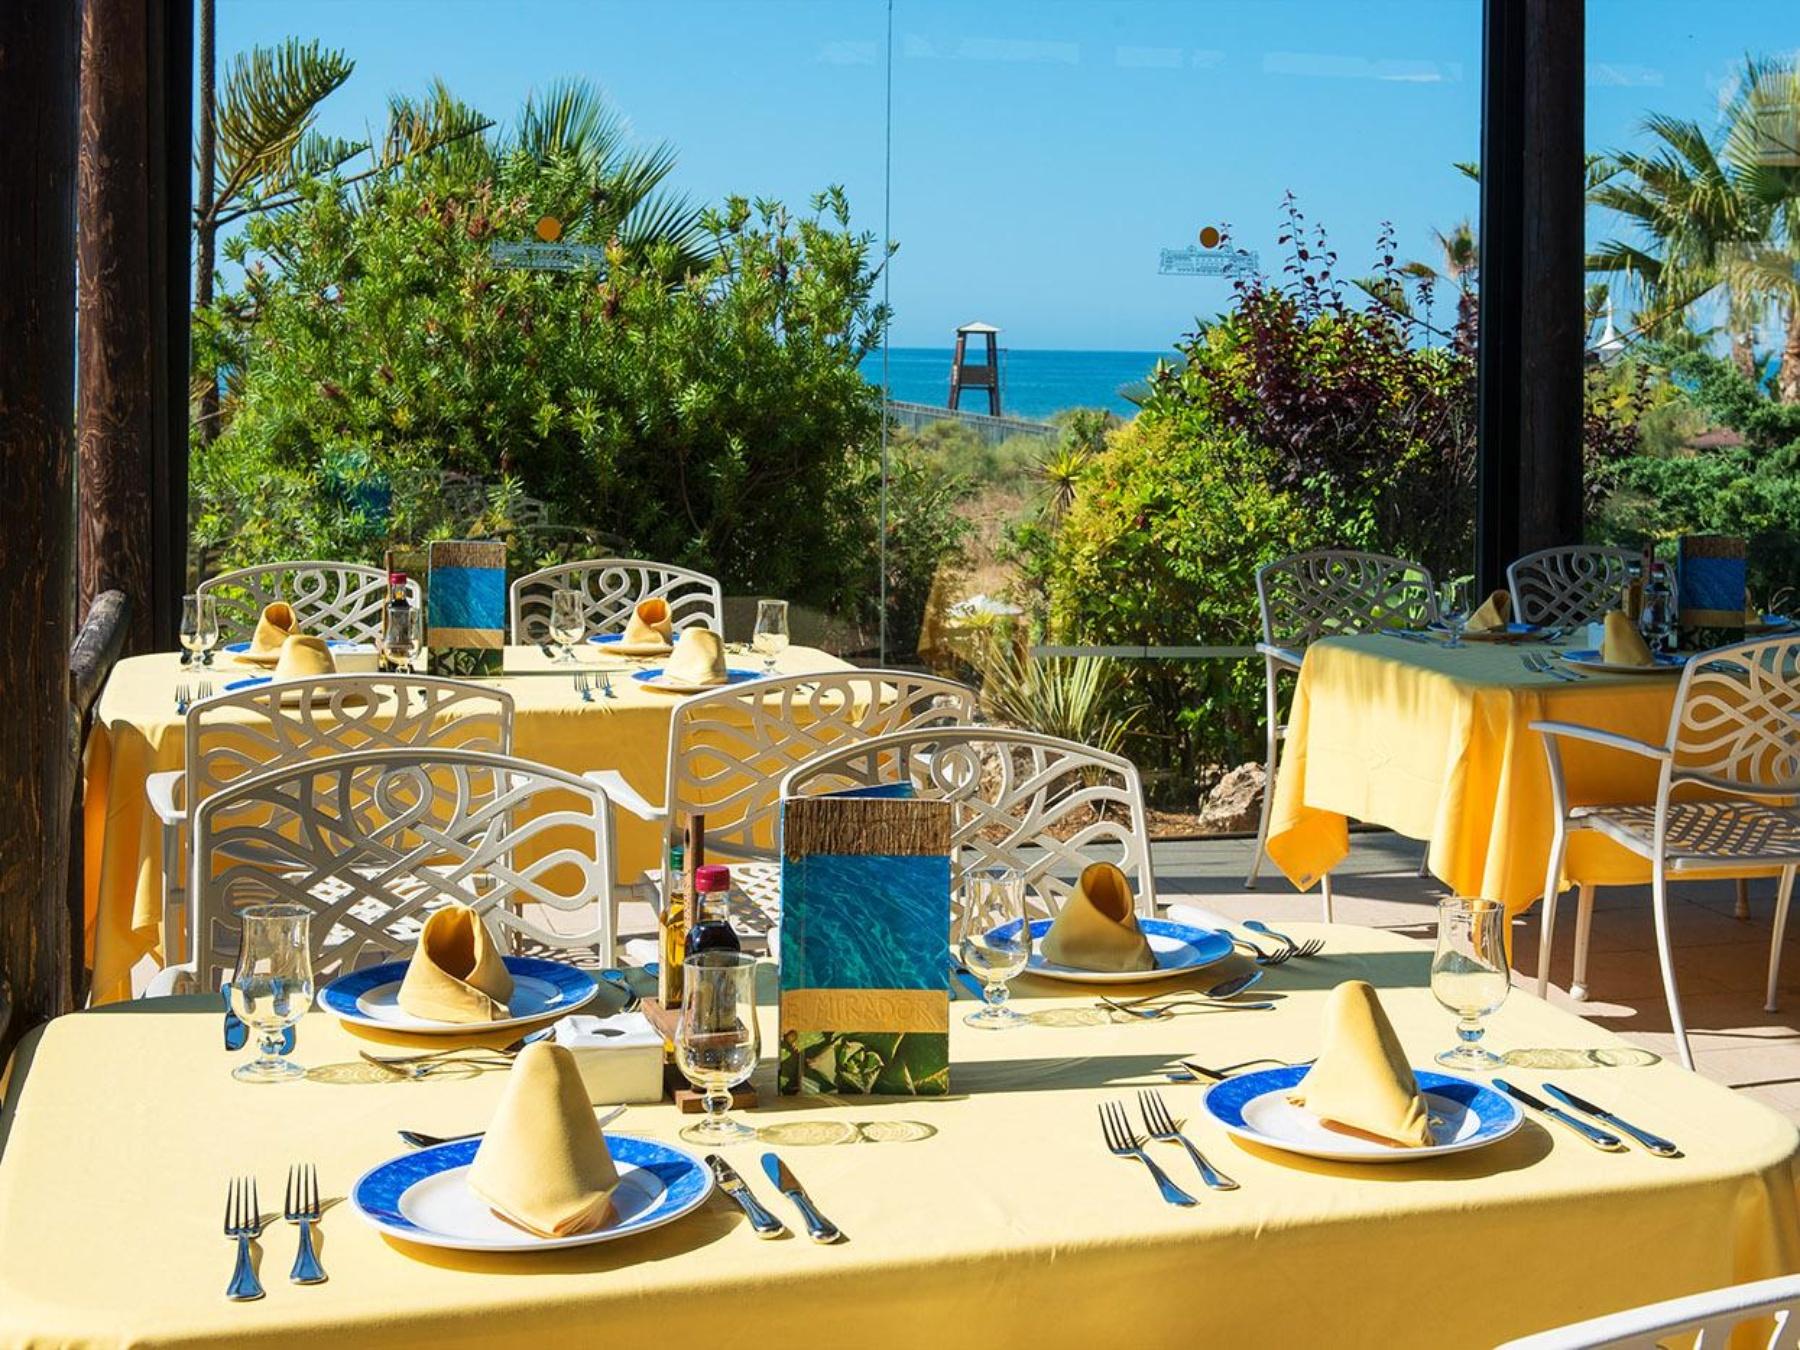 Restaurante a la carta El Mirador